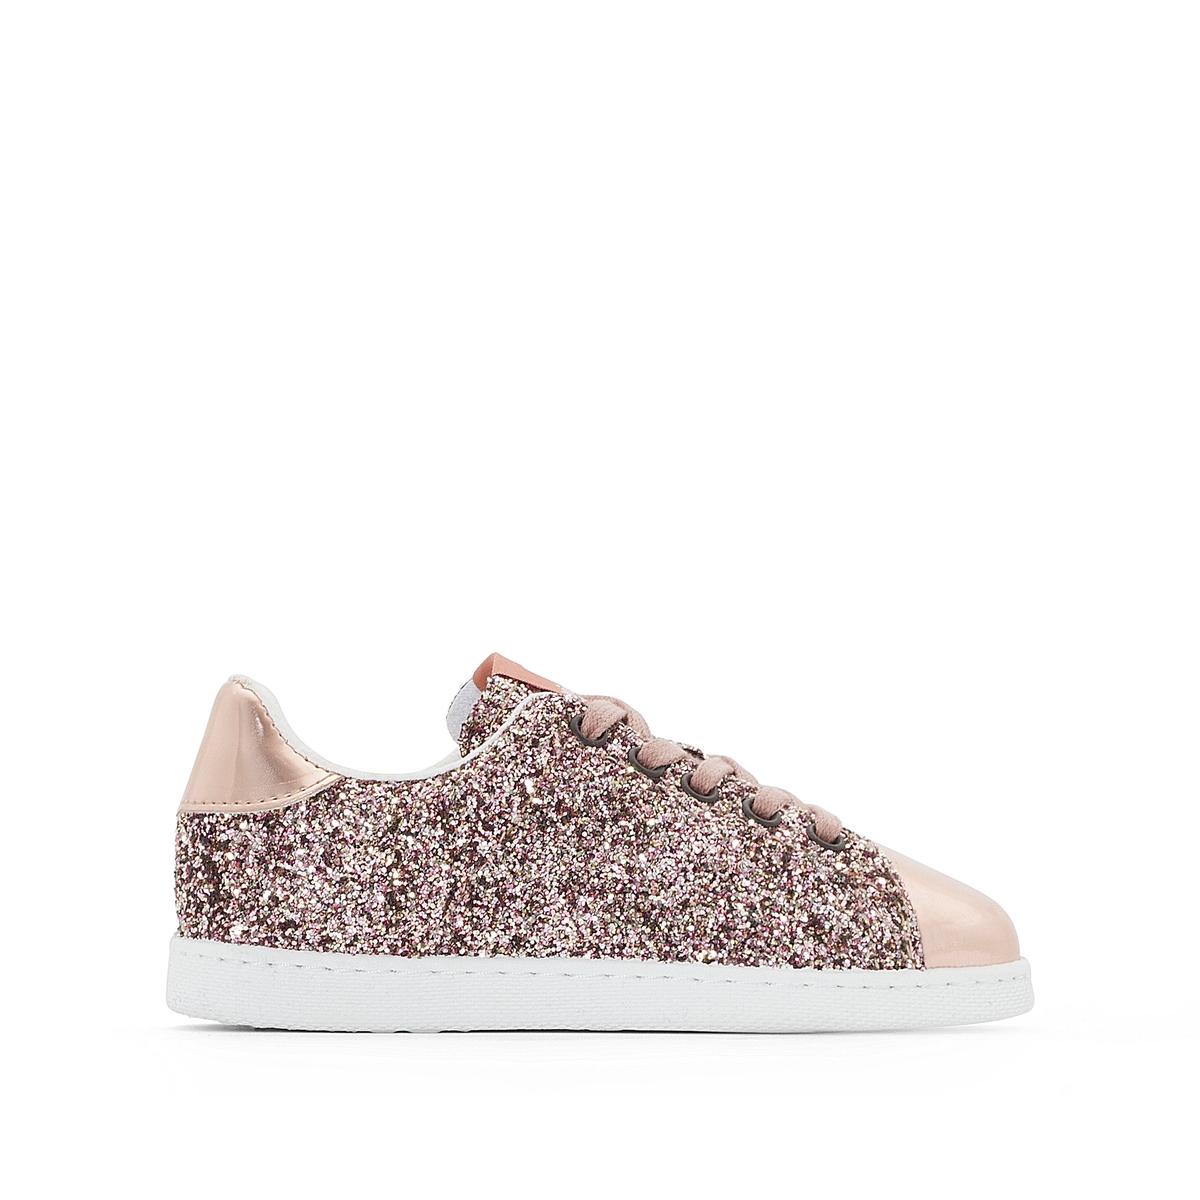 Кеды Deportivo GlitterДетали •  Спортивный стиль. •  Плоский каблук. •  Застежка: шнуровка.Состав и уход •  Верх: 100% синтетический материал. •  Подкладка: 100% текстиль. •  Стелька: 100% текстиль. •  Подошва: 100% каучук.<br><br>Цвет: розовый